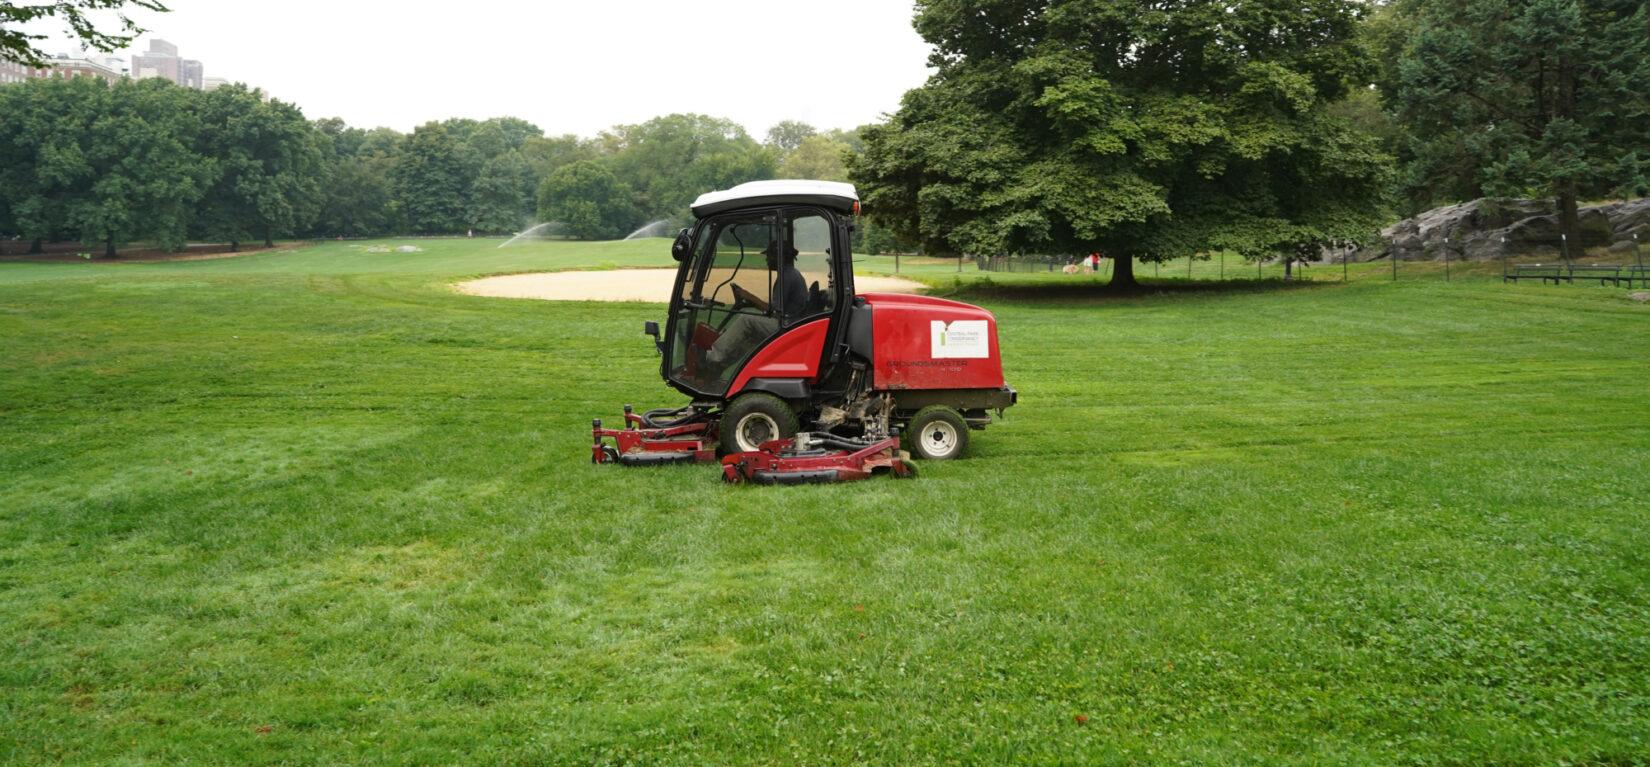 A riding mower trims a lawn near a ballfield